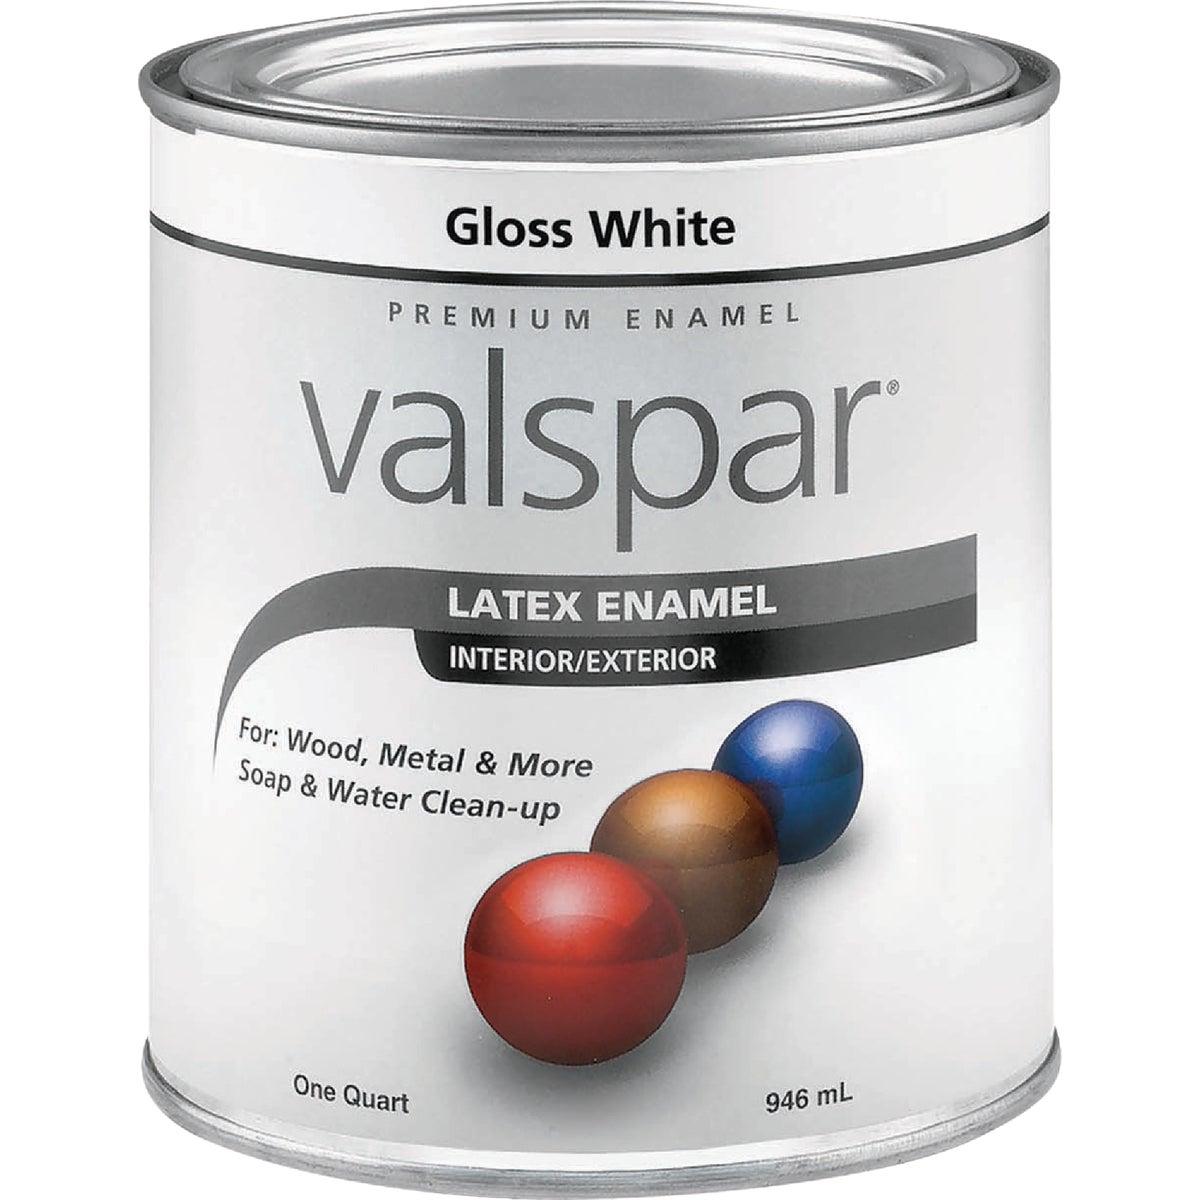 LTX GLOSS WHITE ENAMEL - 410.0065000.005 by Valspar Corp